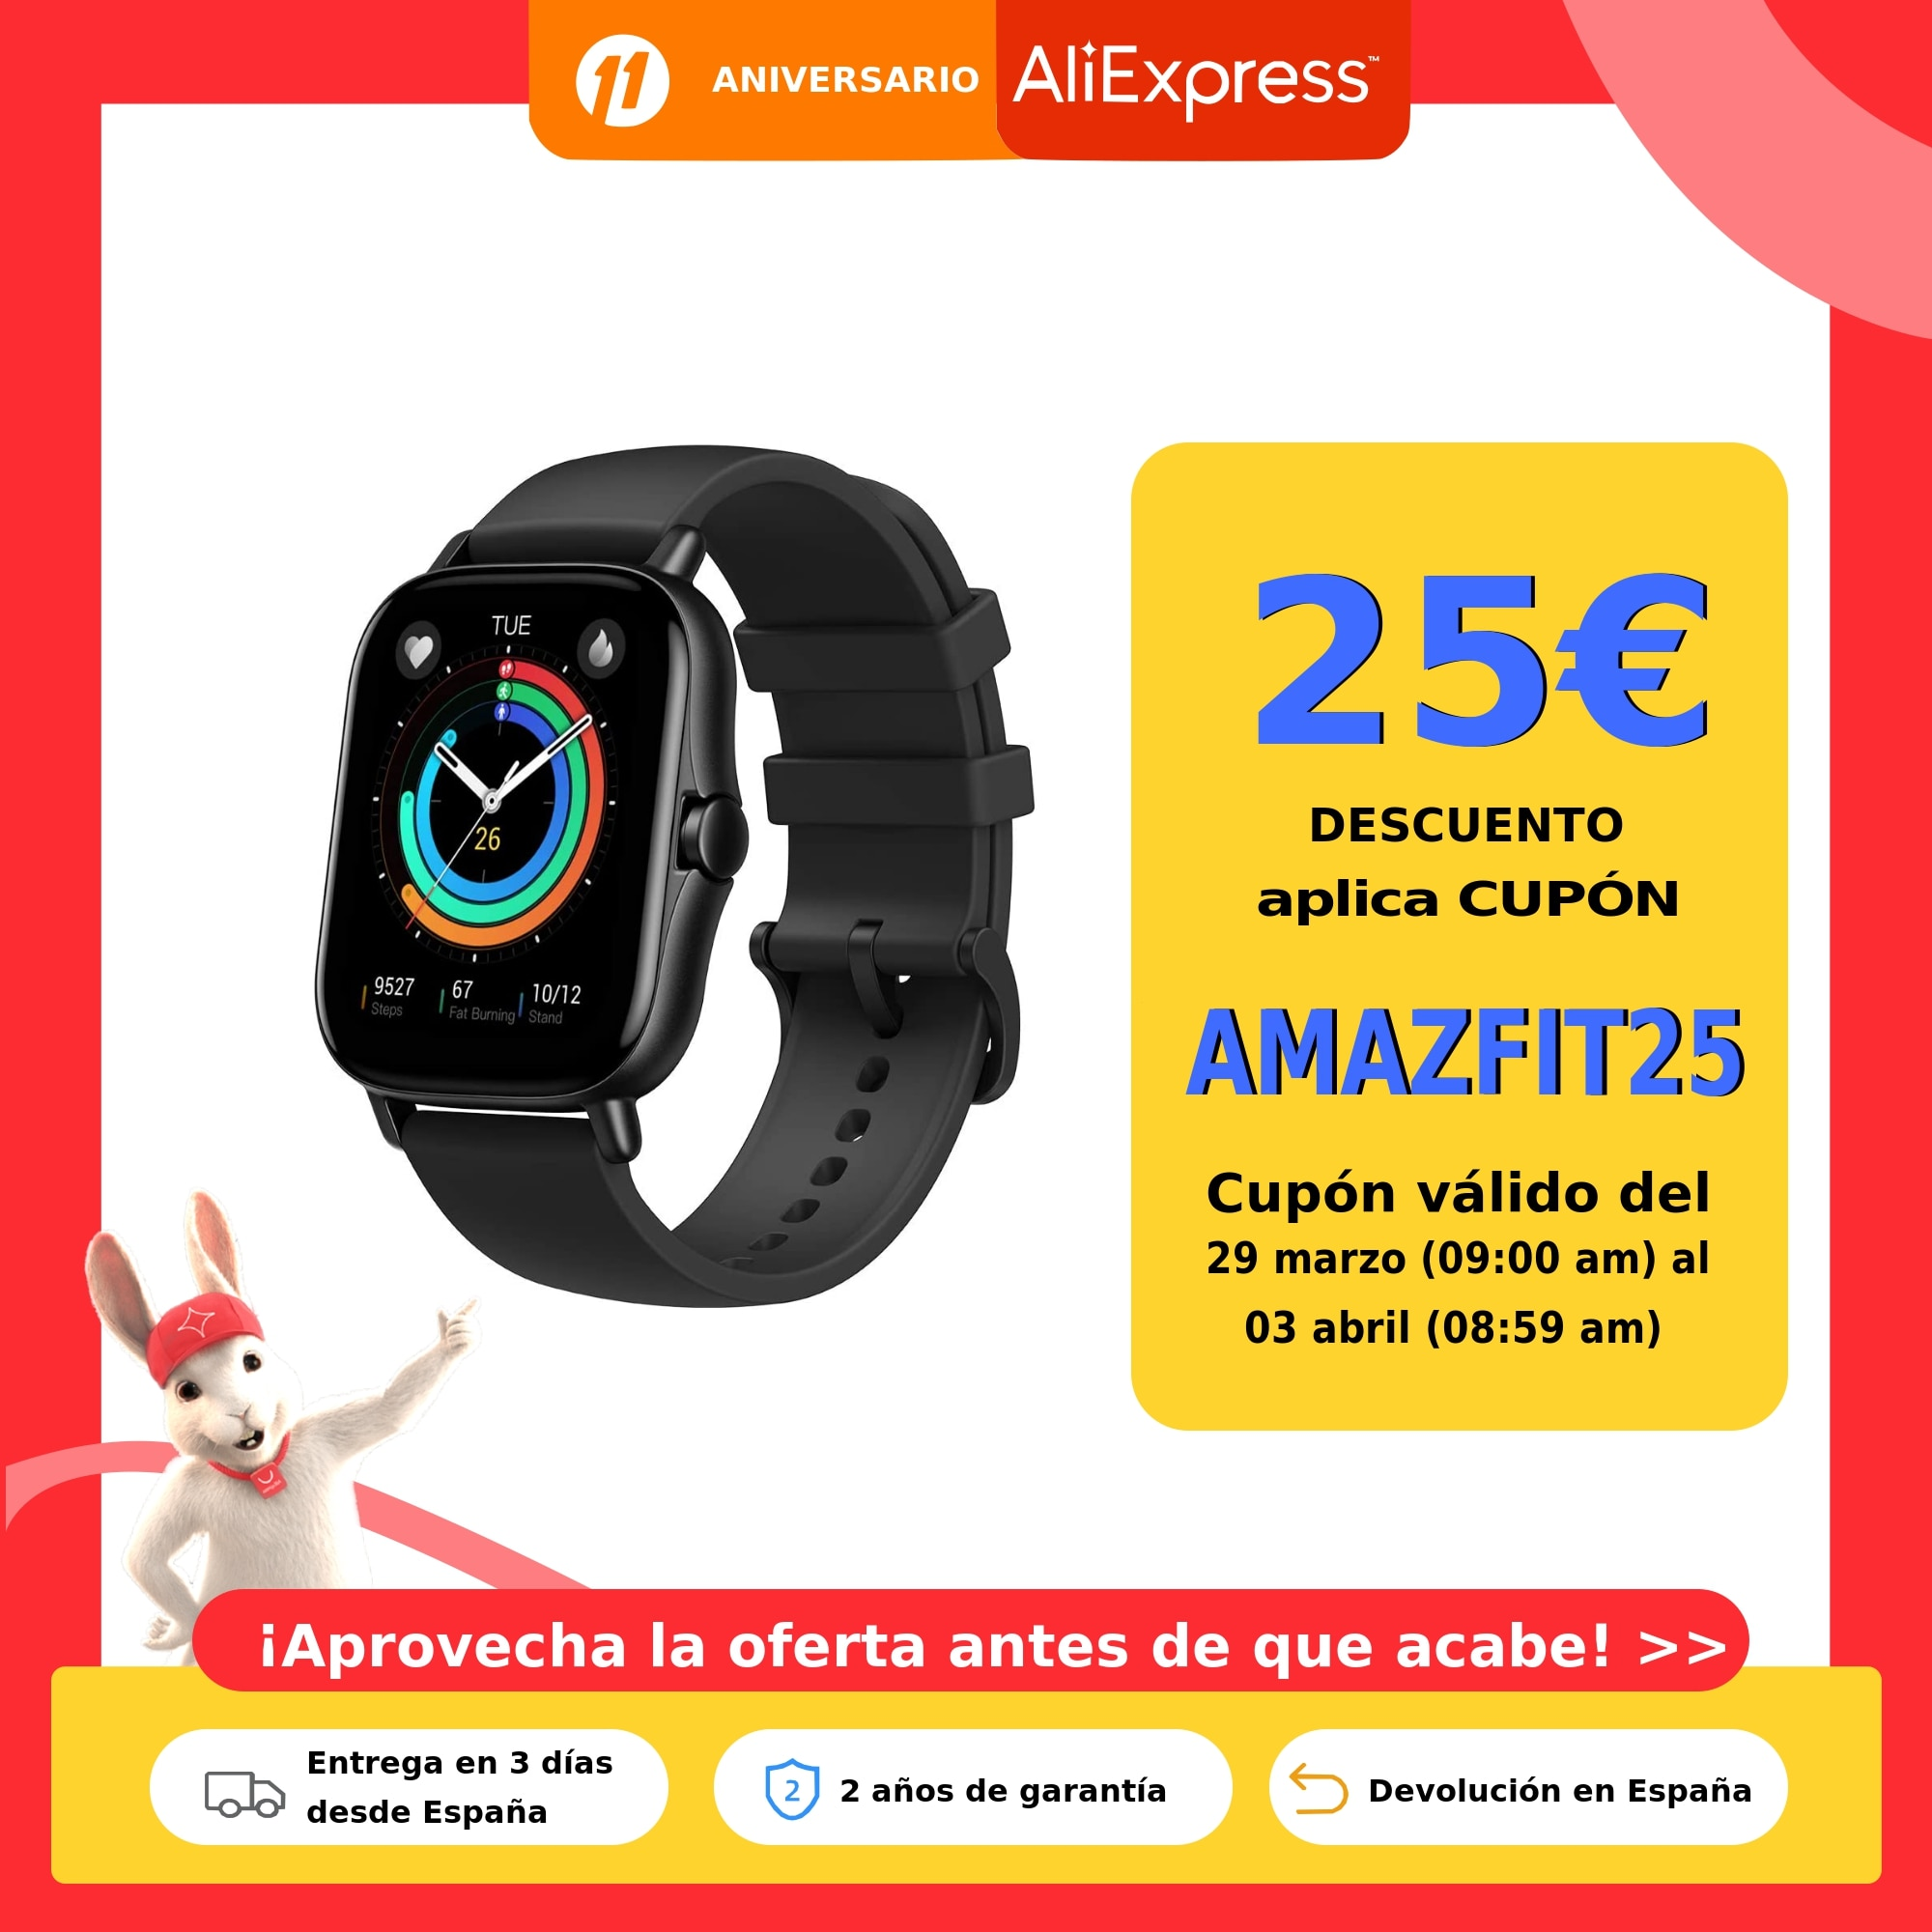 Amazfit GTS 2,Reloj inteligente,Pantalla AMOLED,Música,5ATM,Control del sueño,12 modos deporte exterior,Smartwatch android IOS